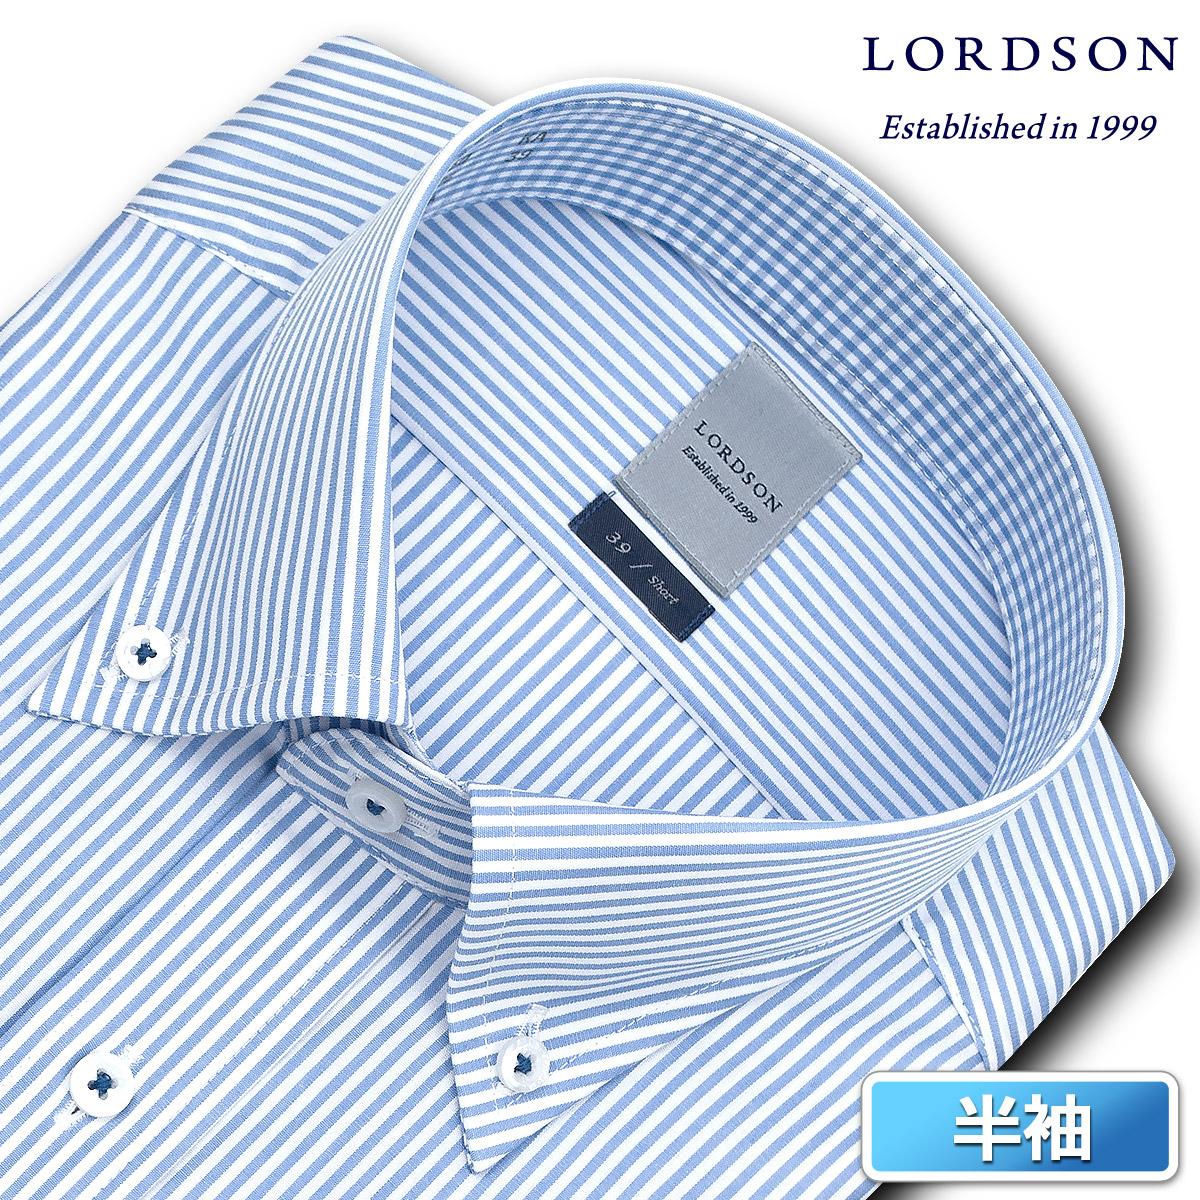 LORDSON 半袖 ワイシャツ メンズ 夏 形態安定加工 ブルーロンドンストライプ ボタンダウン ドレスシャツ|綿:100% ブルー(zon593-350)